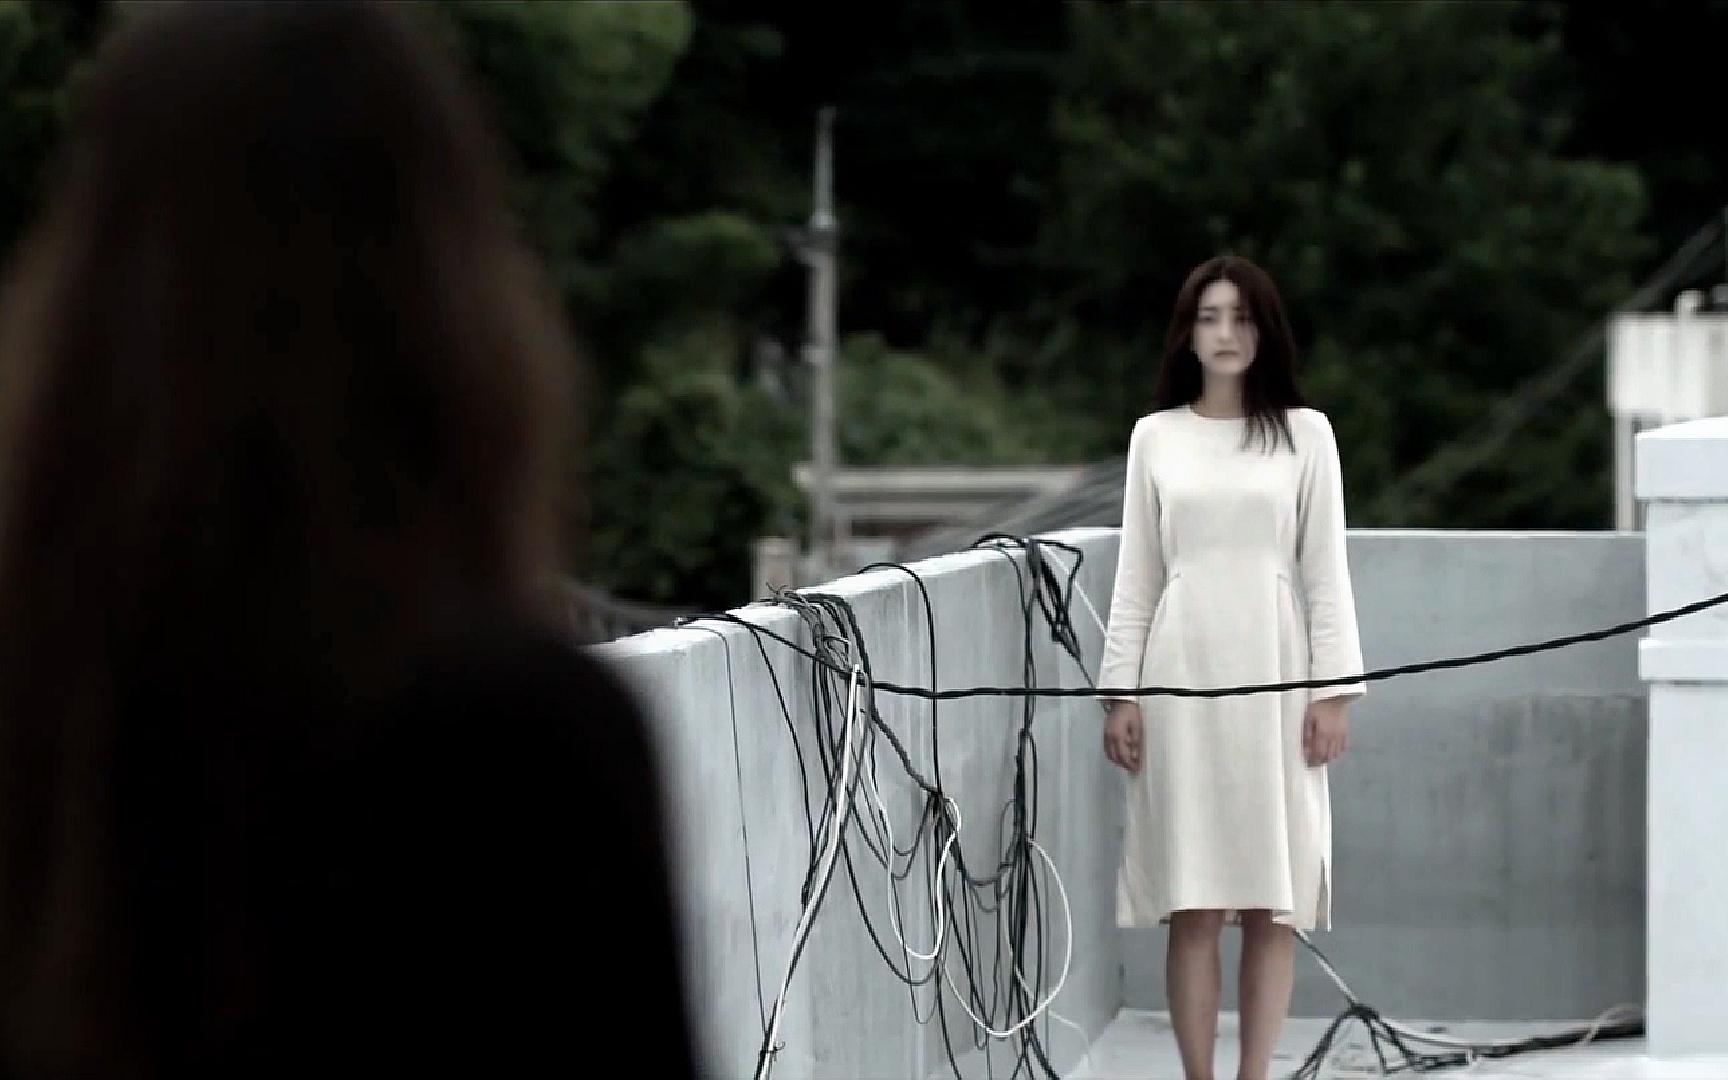 女人死了三十年,她自己却不知道,直到看到一具尸体!韩国电影